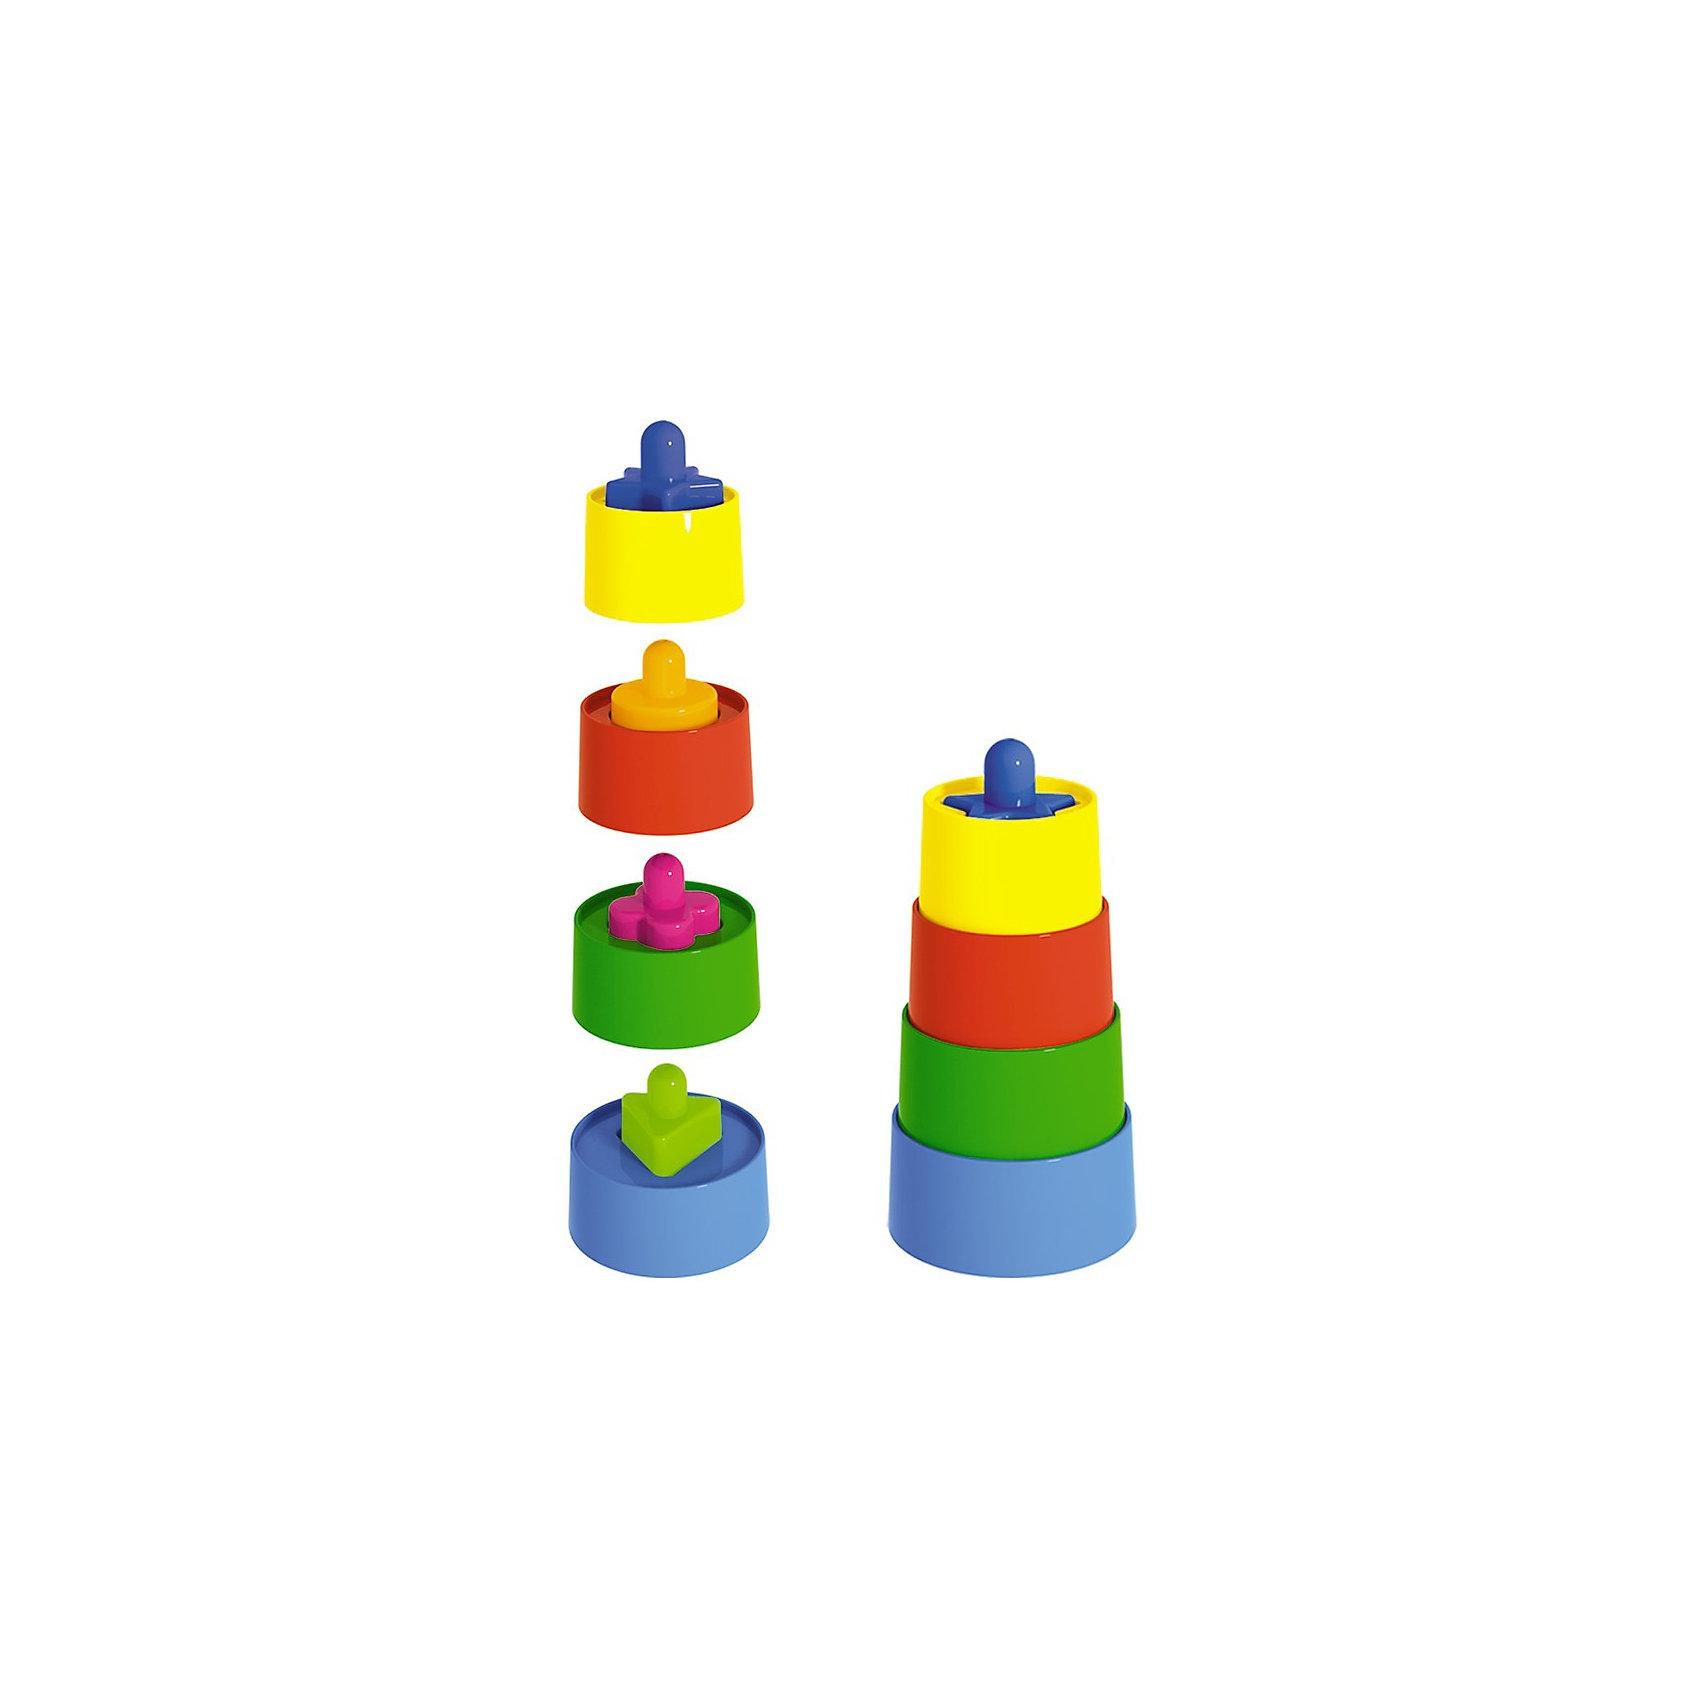 Пирамидка МатрешкаПирамидки<br>Пирамидка Матрешка - яркая и красивая игрушка-пирамидка для вашего ребенка.<br><br>Помимо функций пирамидки, игрушка также сочетает в себе функции пазла, и чтобы собрать пирамидку потребуется также найти подходящие серединки для каждого уровня пирамидки.<br><br>Дополнительная информация:<br><br>- Материал: пластмасса.<br>- Количество деталей: 8 шт.<br><br>Ширина мм: 73<br>Глубина мм: 73<br>Высота мм: 140<br>Вес г: 100<br>Возраст от месяцев: 12<br>Возраст до месяцев: 48<br>Пол: Унисекс<br>Возраст: Детский<br>SKU: 2555632